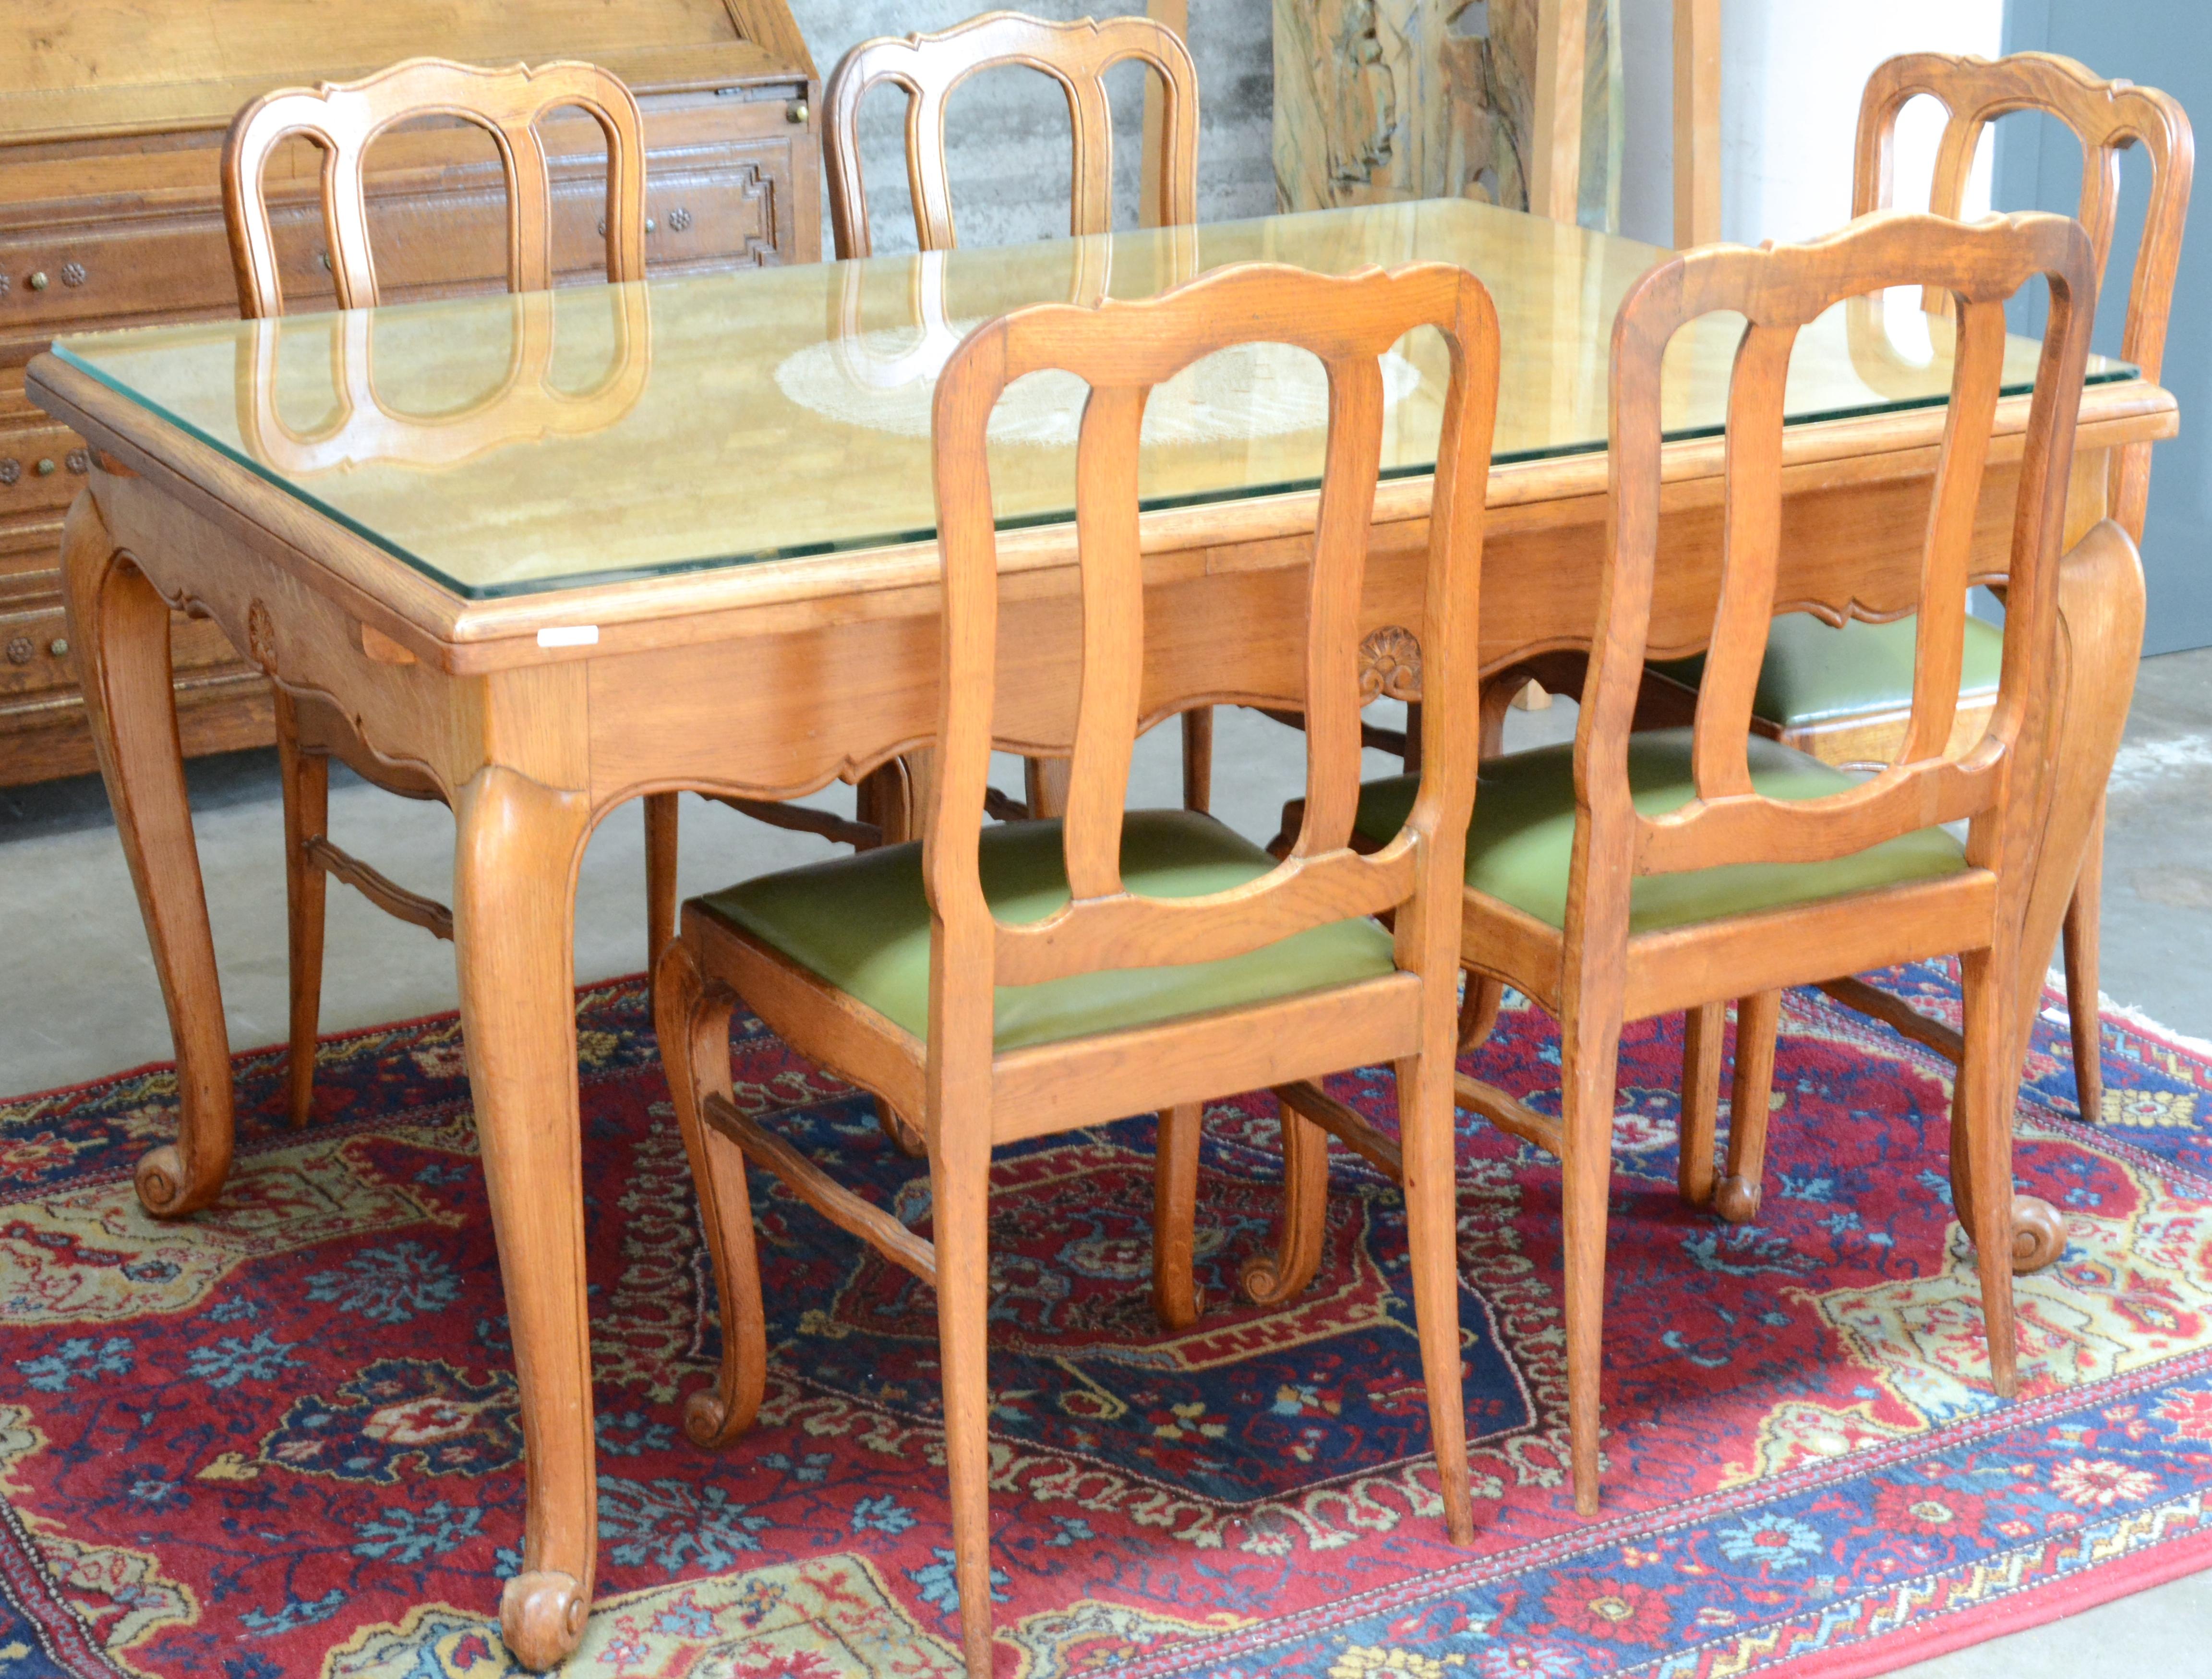 Een eetkamer van gesculpteerd eikenhout in lodewijk xv stijl bestaande uit een tafel met zes - Tafel een kribbe stijl industriel ...